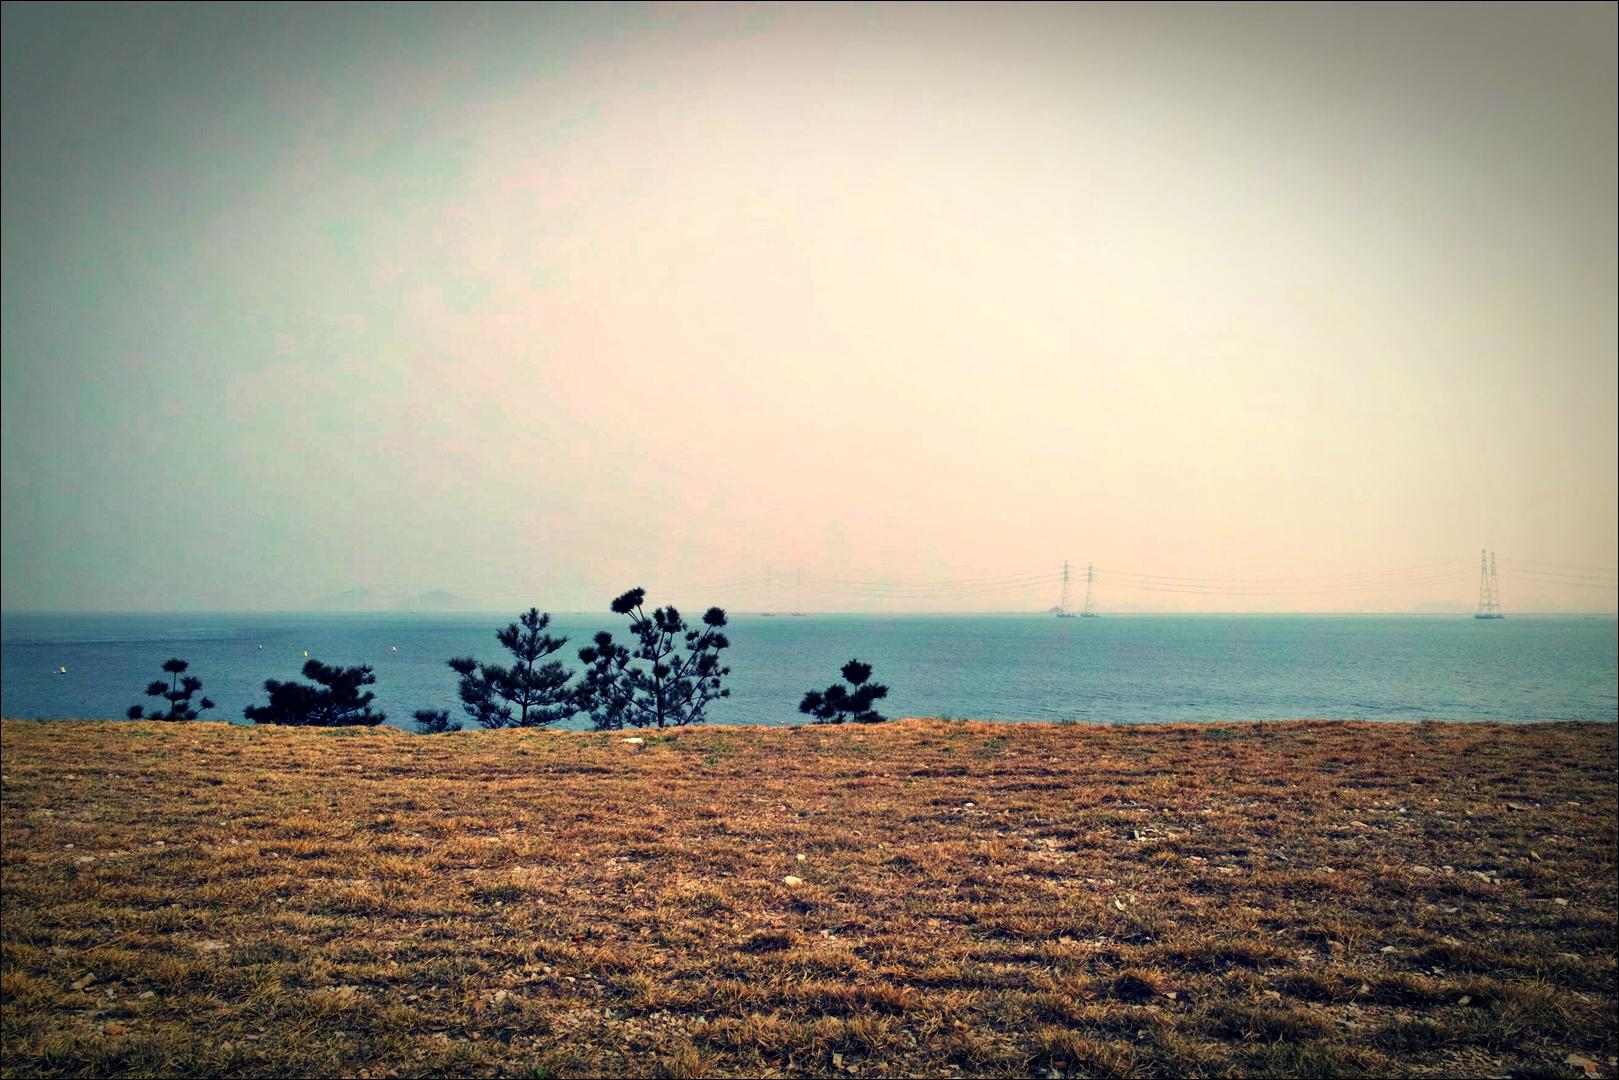 티라이트 휴게소 부근-'오이도에서 시화방조제 자전거 주행정보(Sihwa tide embankment)'